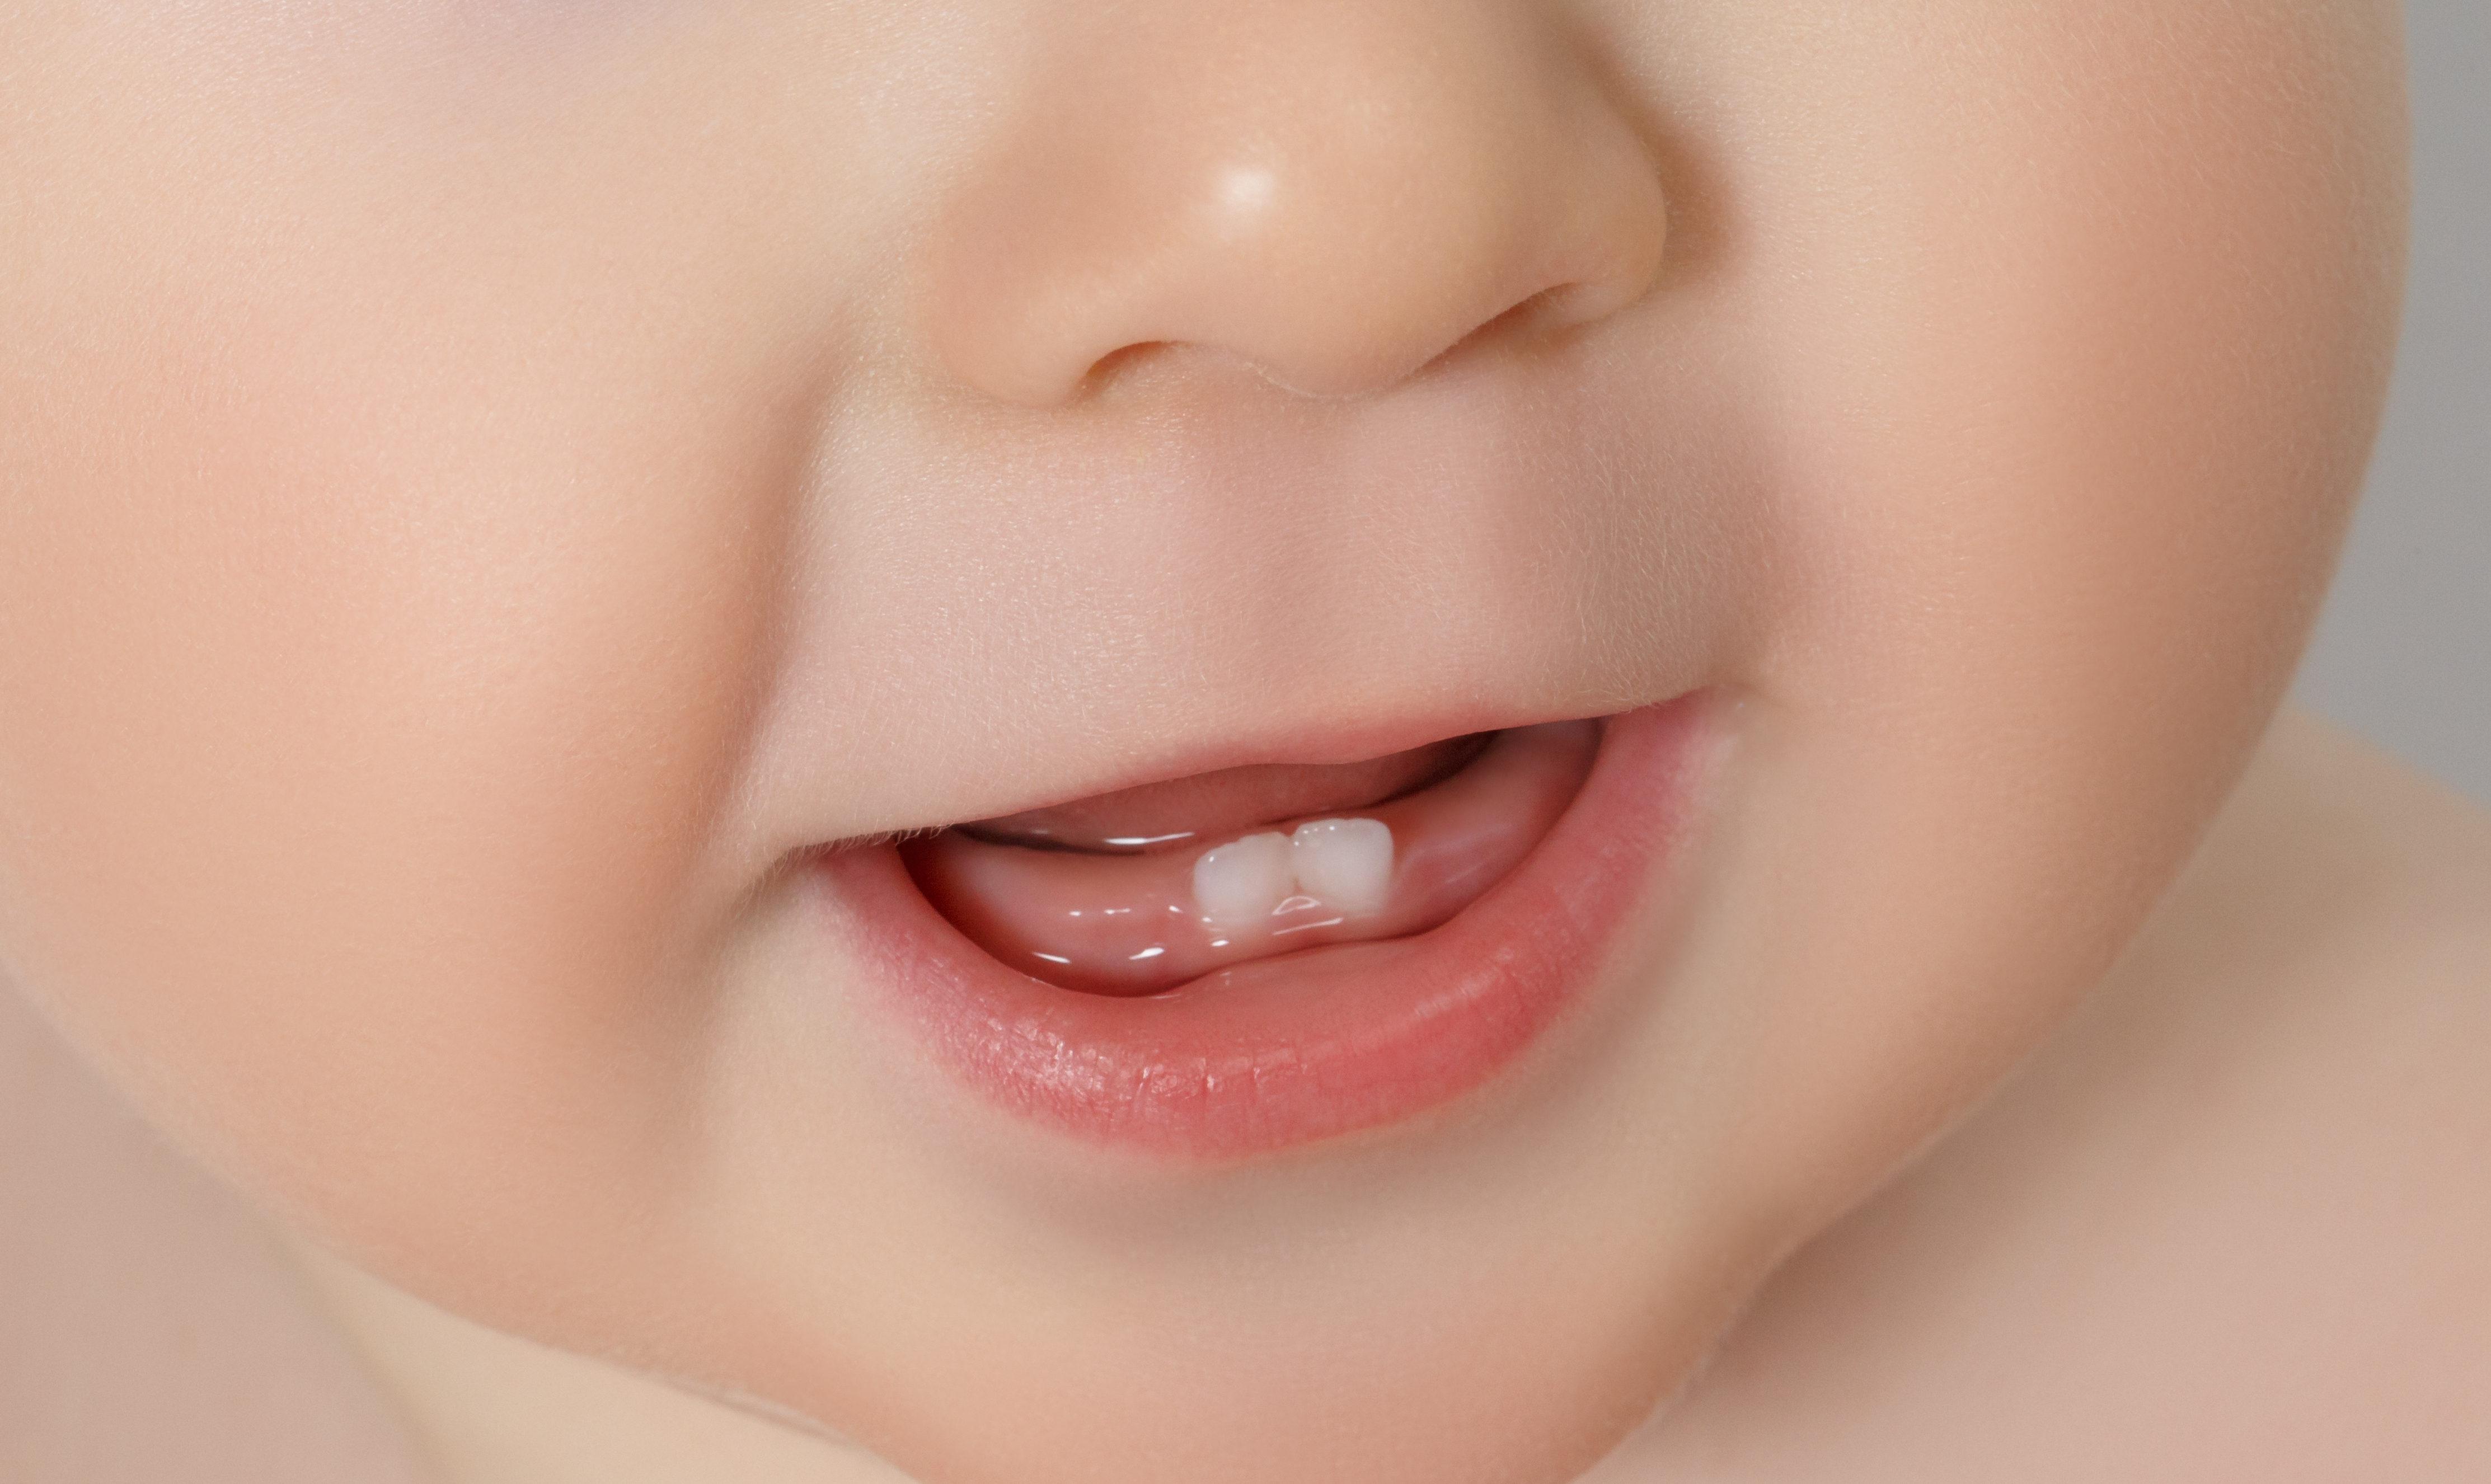 Когда у недоношенных детей должны начать прорезываться зубы